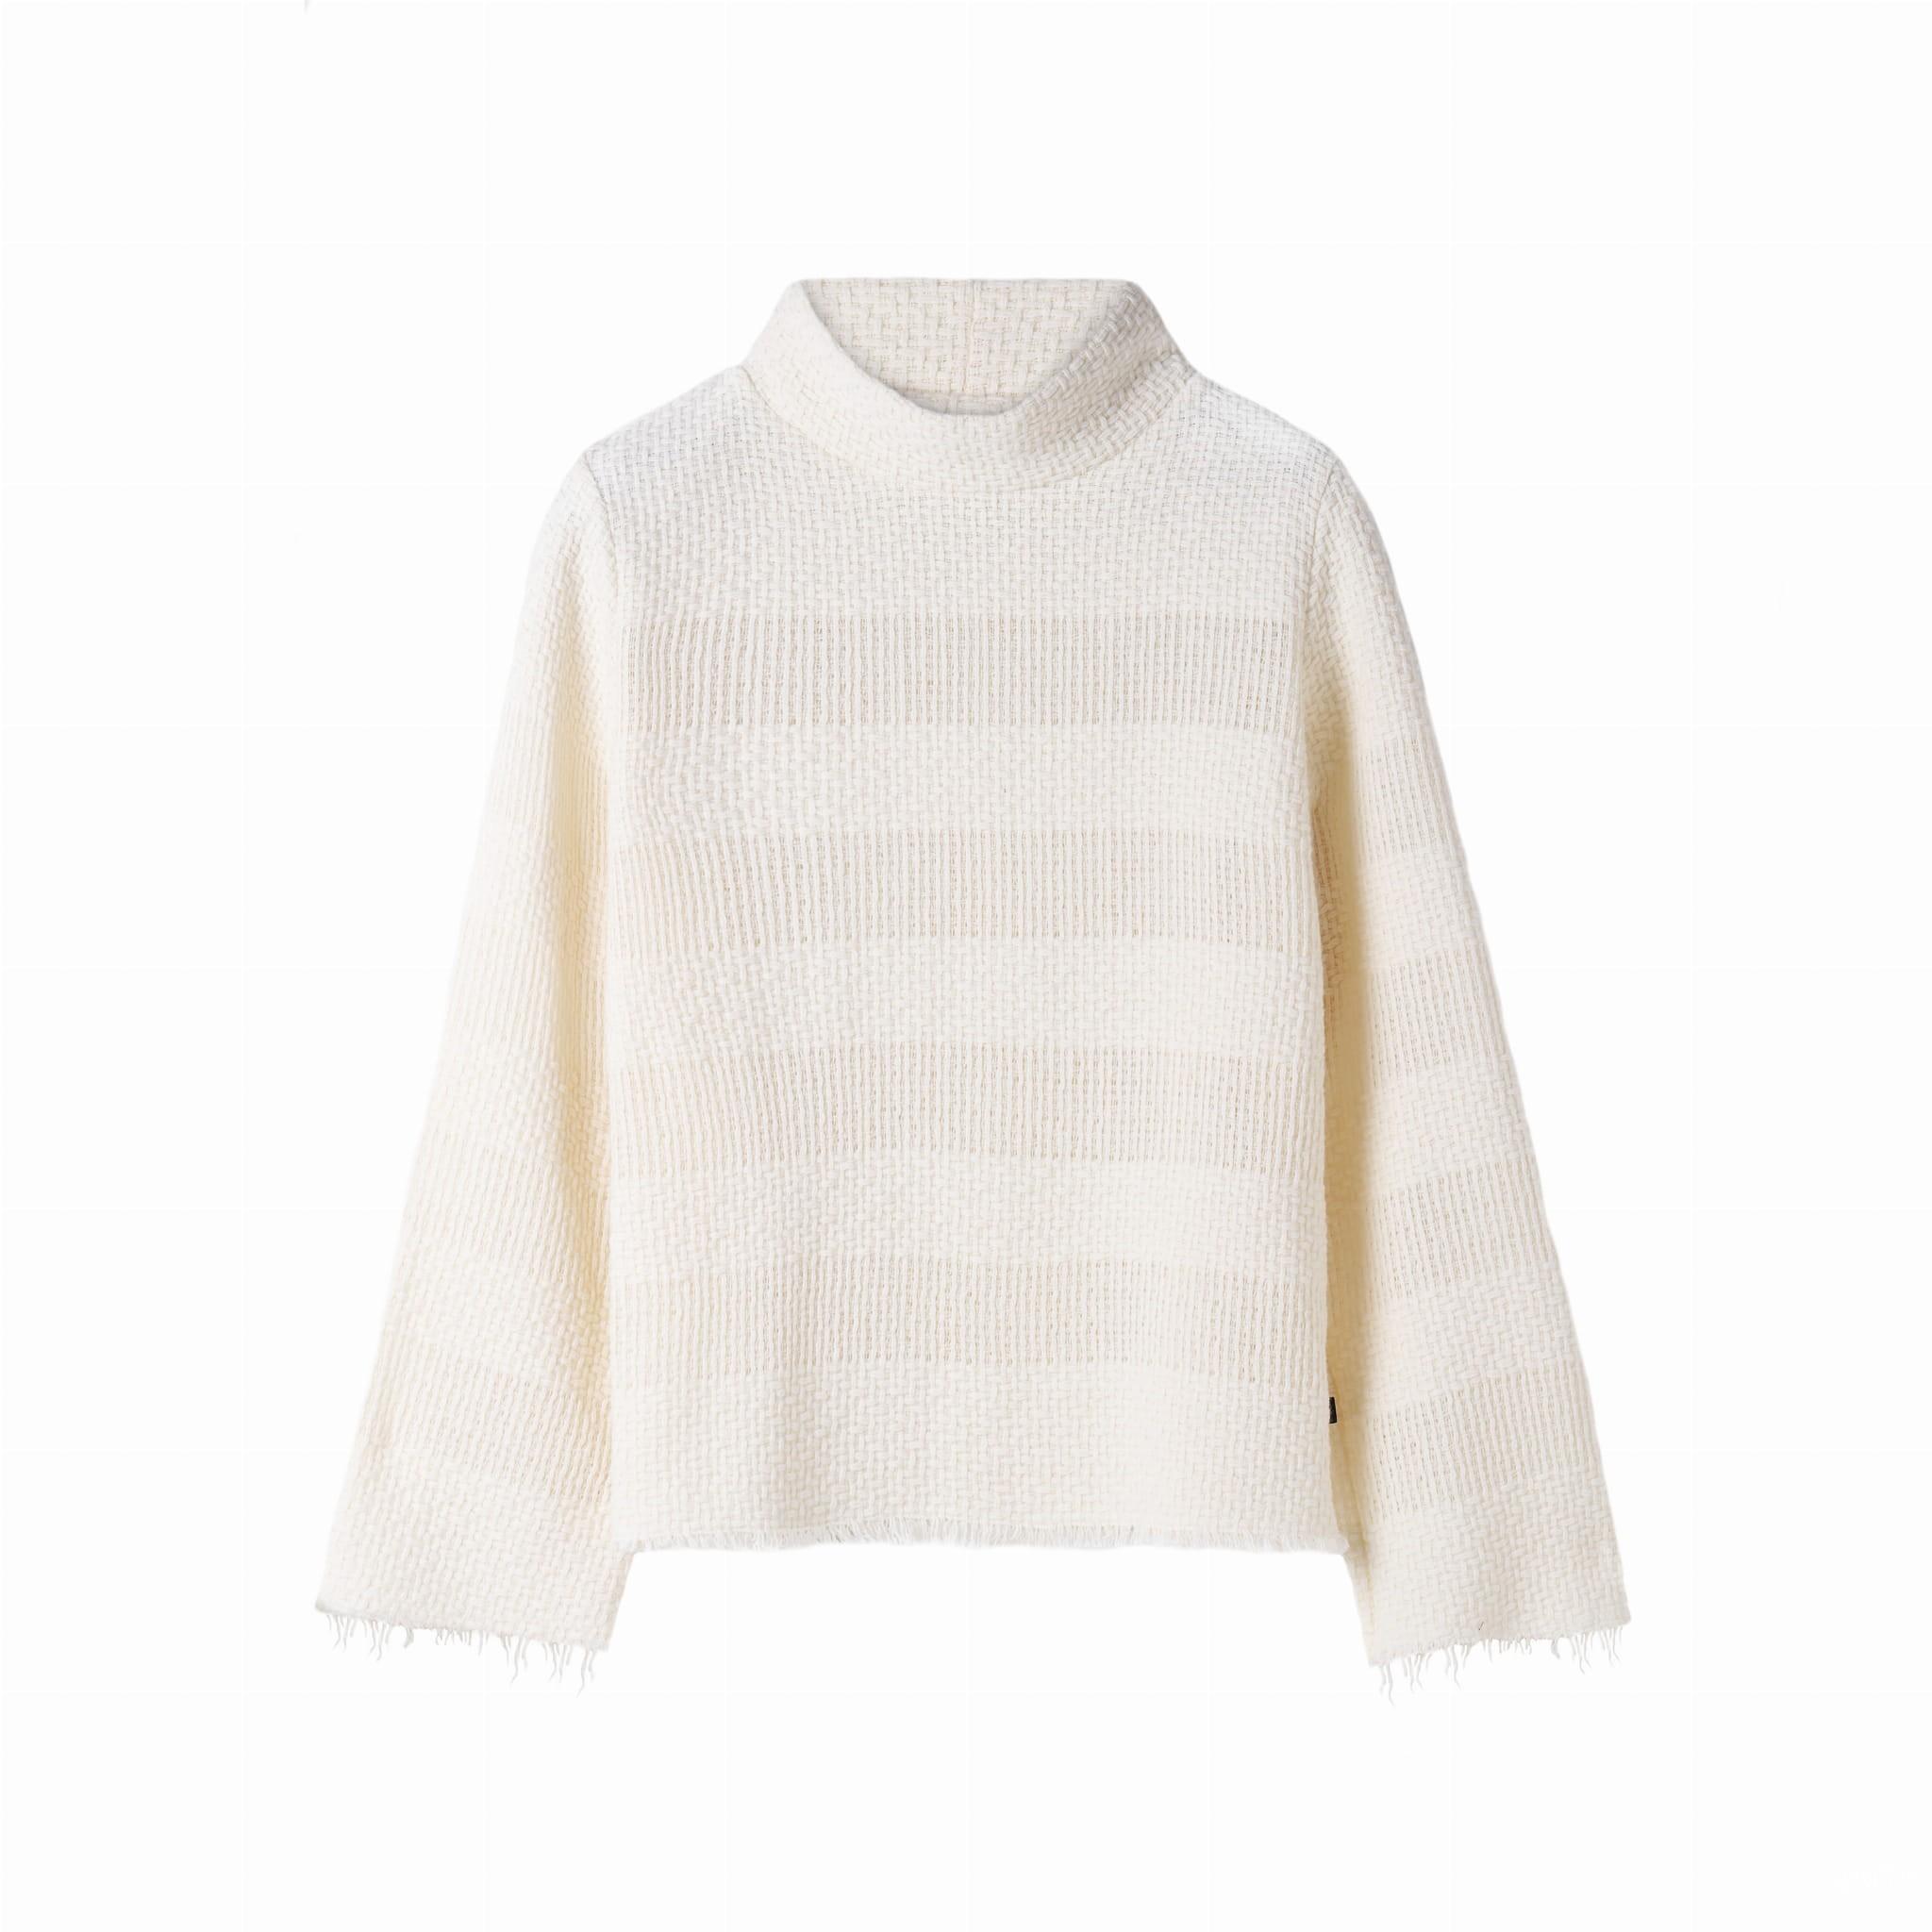 Luźny sweter z golfem o uniwersalnym i klasycznym kroju. Obszerne i szerokie rękawy. Przód, tył oraz rękawy swetra zdobi ażurowy wzór w szerokie poziome pasy. Charakteru całości dodają surowe (odpowiednio zabezpieczone) wykończenia dołu i mankietów. kolor: ecru skład: 65% akryl 30% bawełna 5% wełna wymiary w cm S/M L/XL obwód w biuście 102 116 długość całkowita 65 74 wewn. dł. rękawa 53 53 wysokość golfu 8 8 pielęgnacja delikatne pranie w pralce, maksymalnie w temperaturze 30º prasowanie maksymalnie w temperaturze 110º